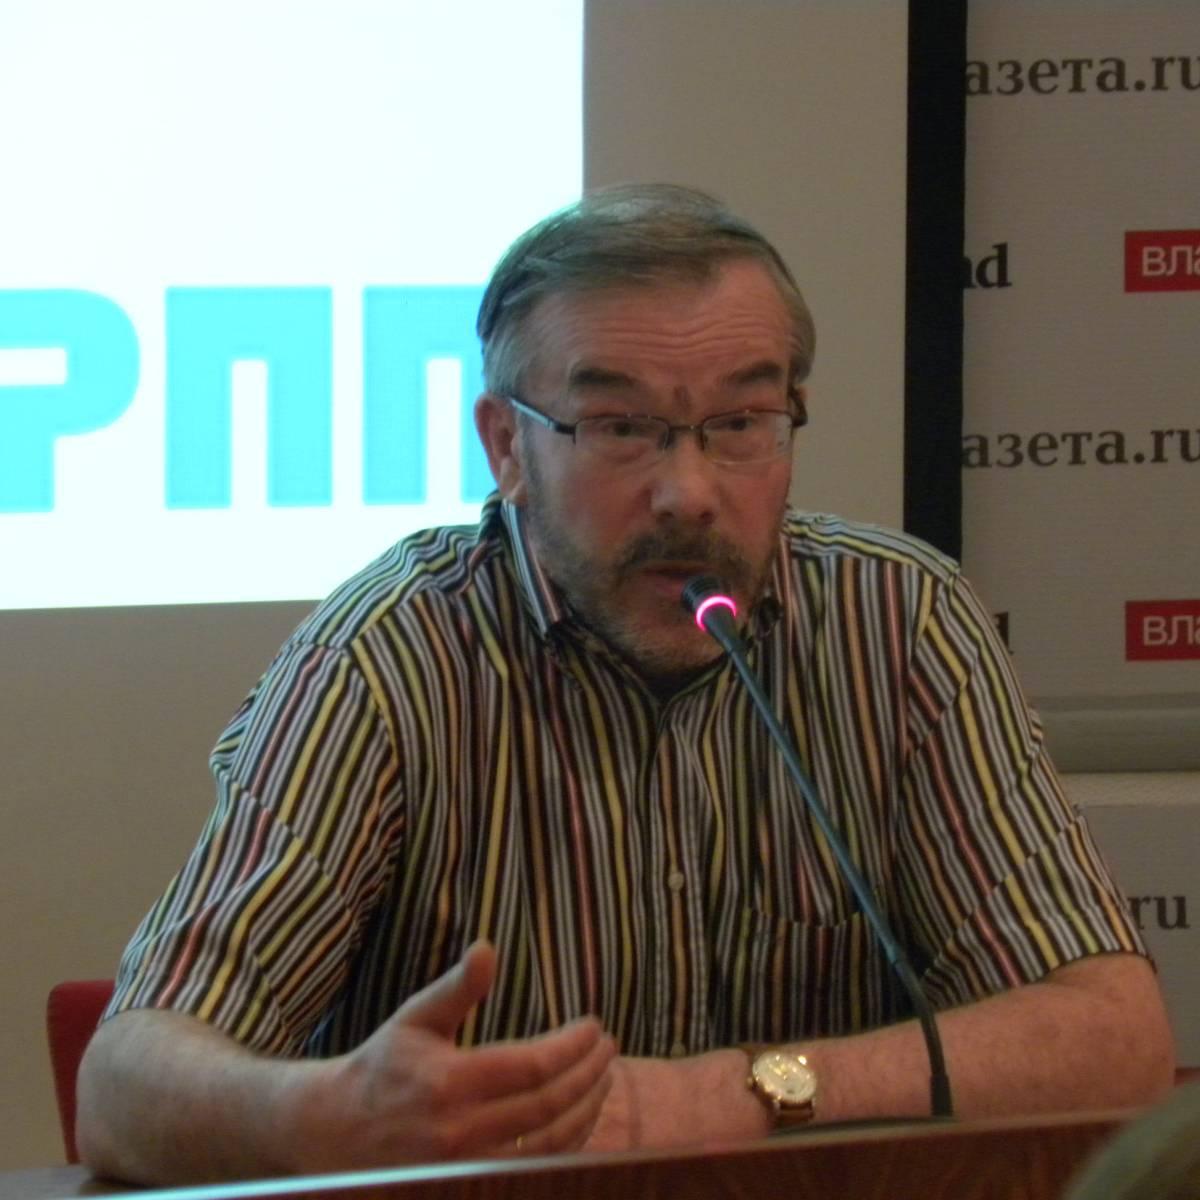 Игорь Мосин: «Либеральная модель прессы оказалась неэффективна»